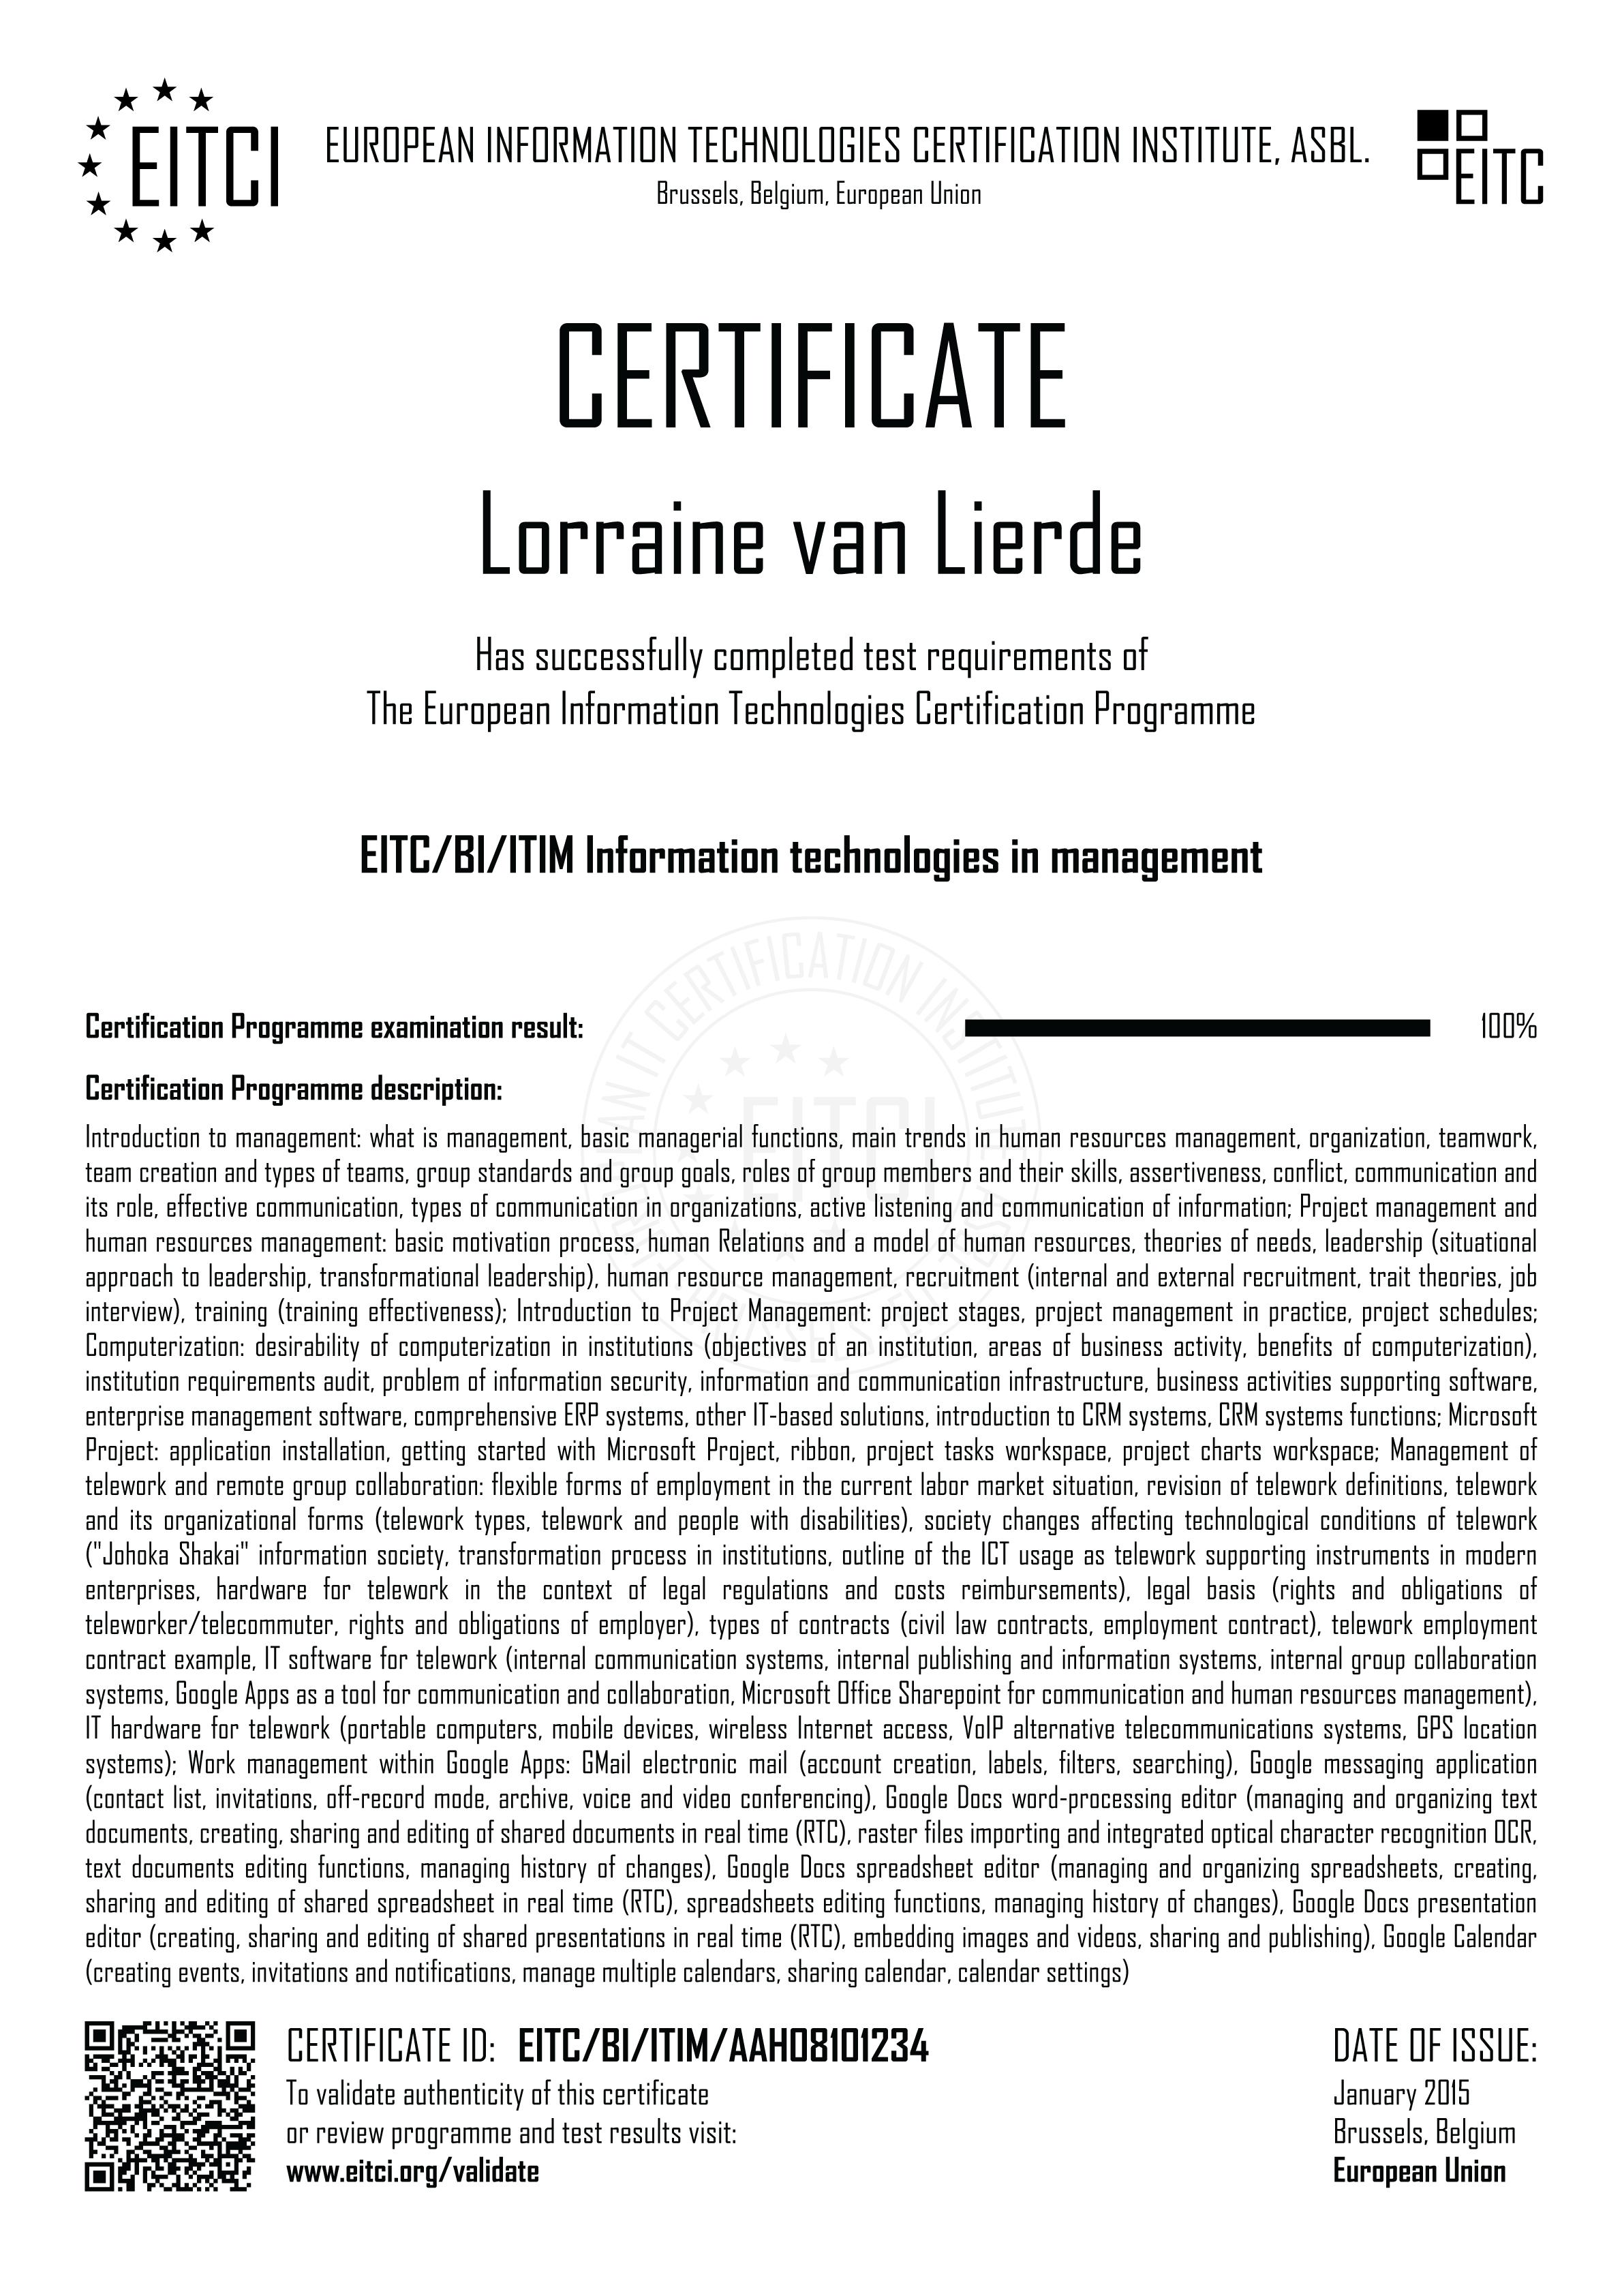 Eitcbiitim Information Technologies In Management Eitca Academy